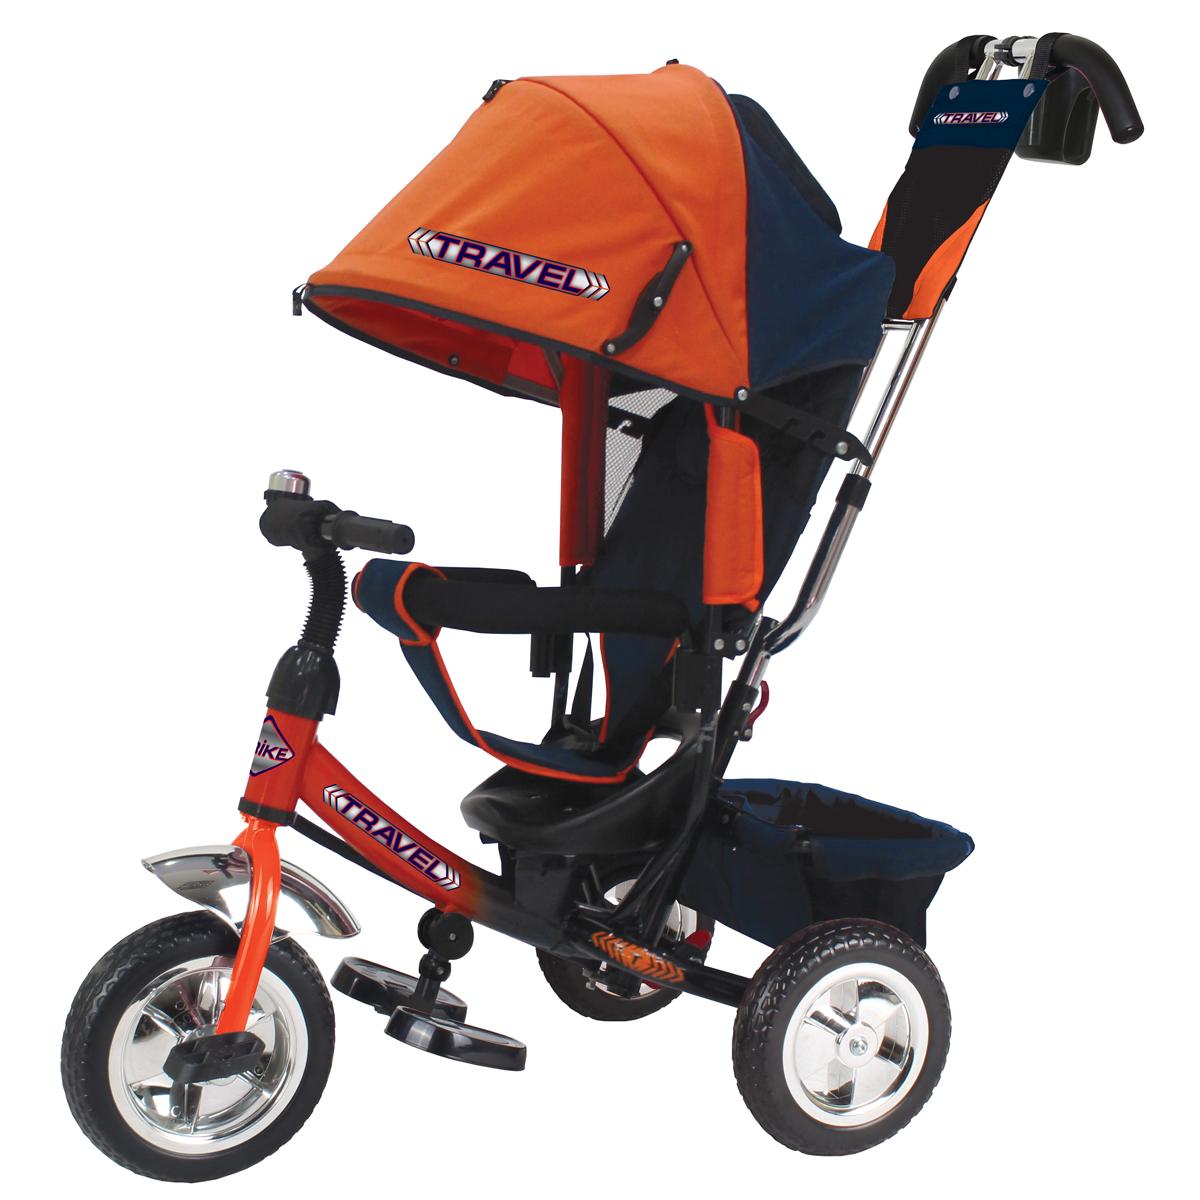 Travel Велосипед трехколесный цвет оранжевый черный TT2O/o - Велосипеды-каталки